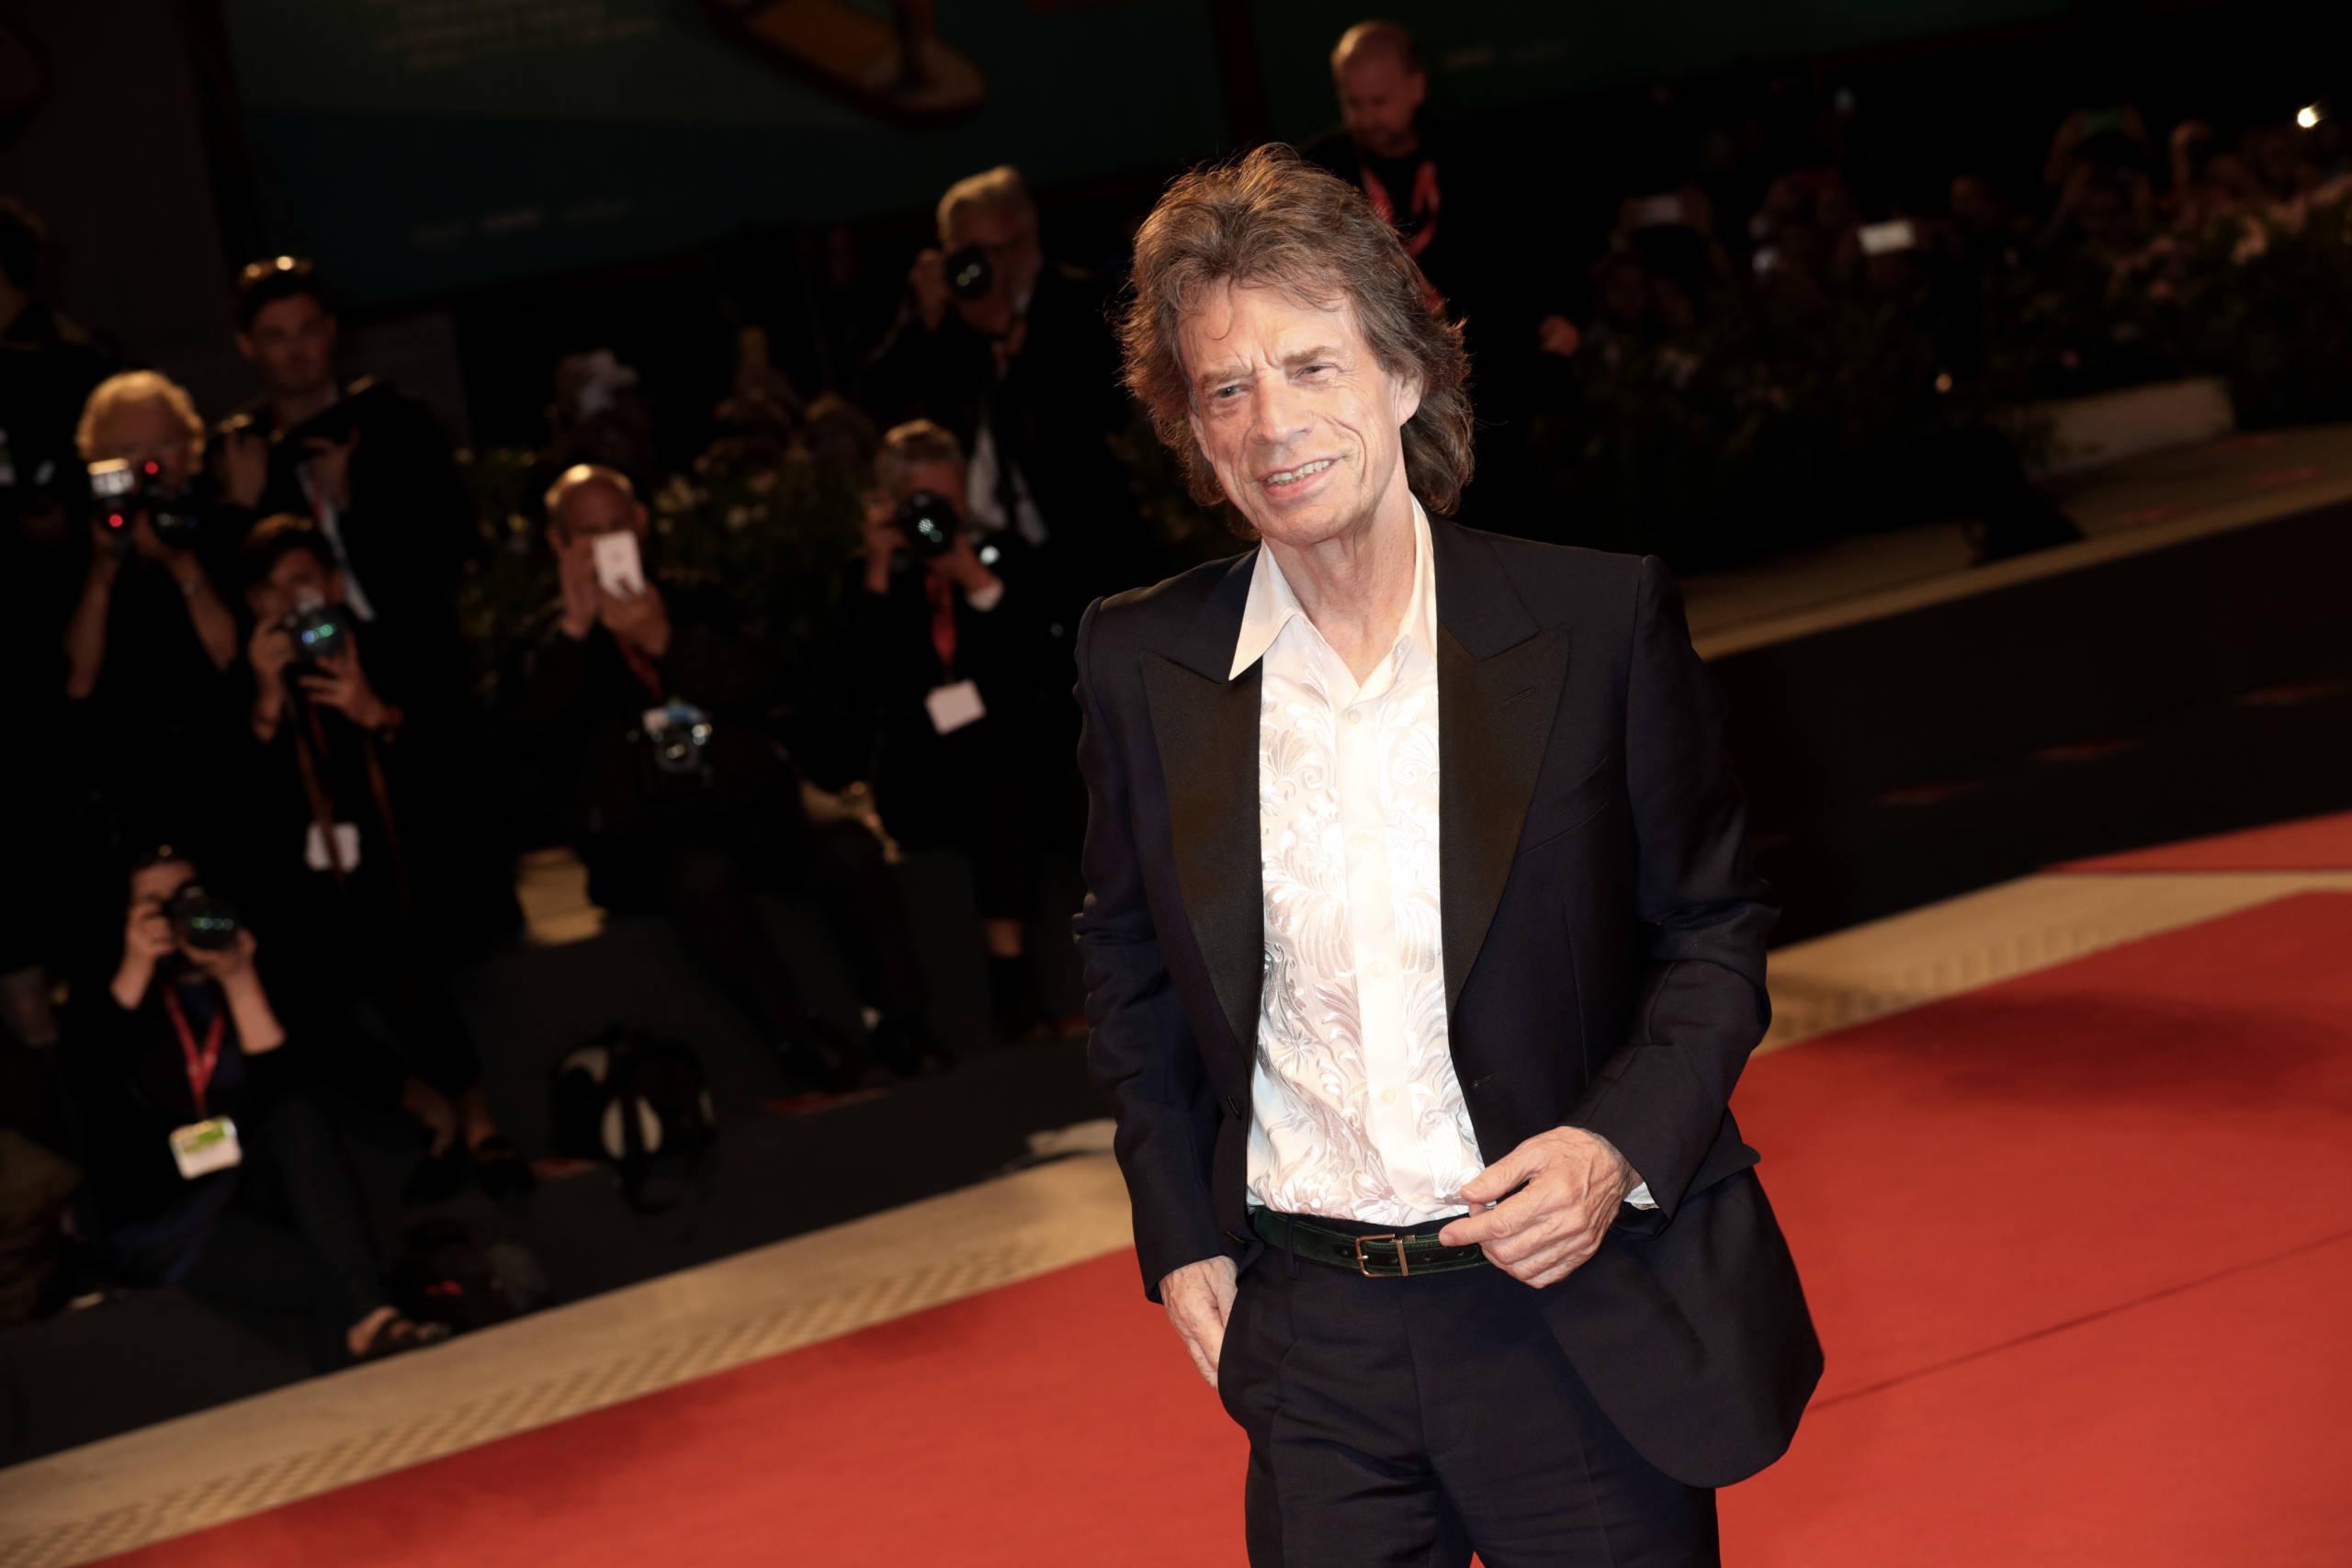 Darum-hat-Mick-Jagger-aufgeh-rt-an-seiner-Autobiografie-zu-arbeiten